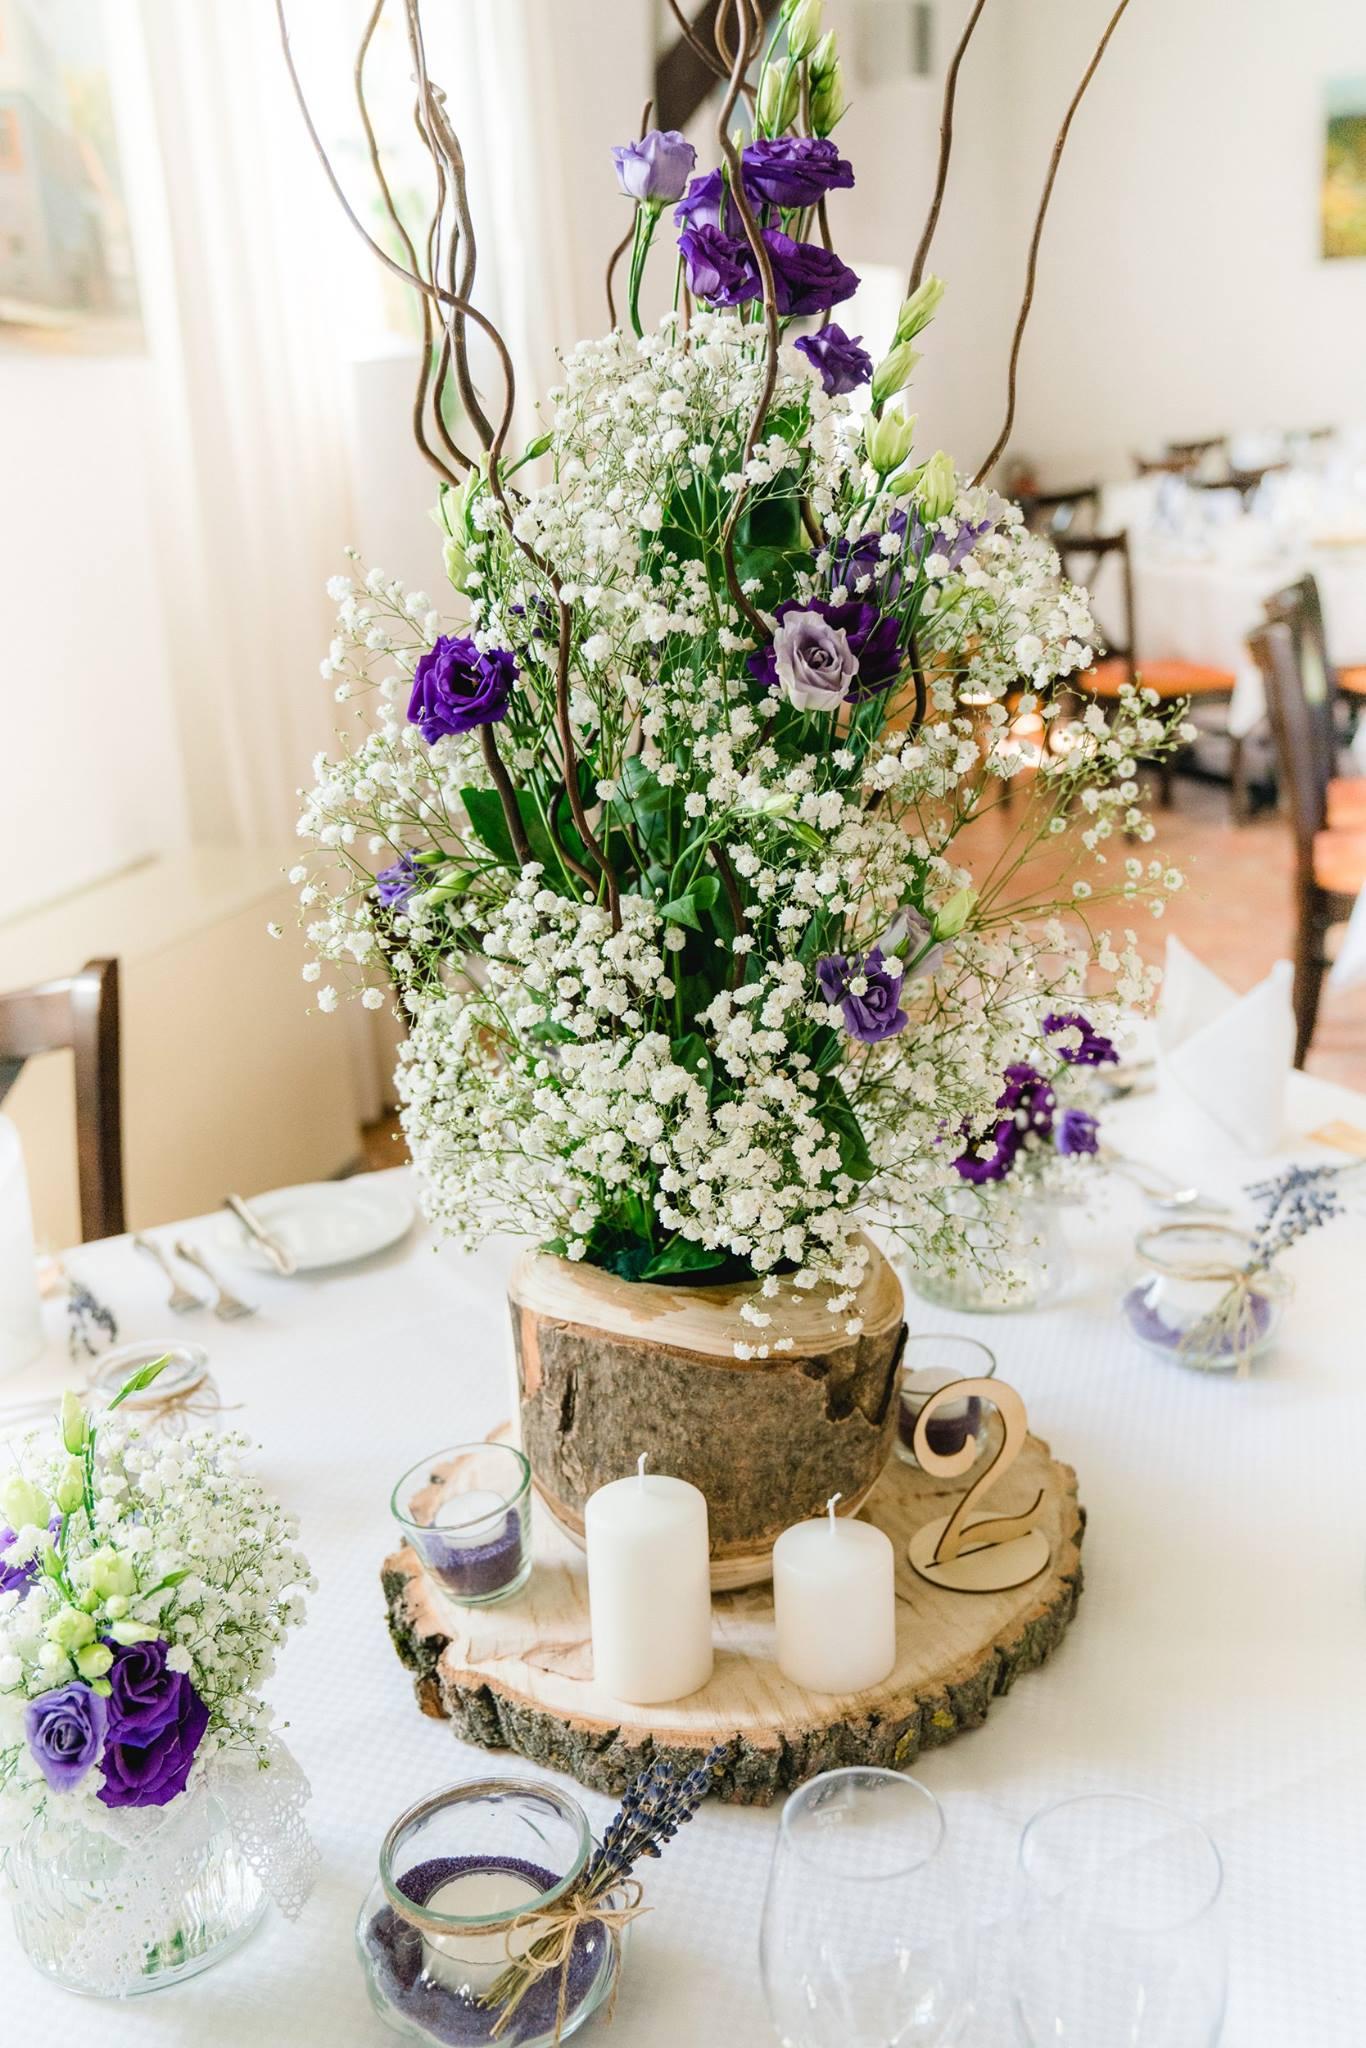 Jennifer Wesner Events Event Und Hochzeitsdekoration Romantisch